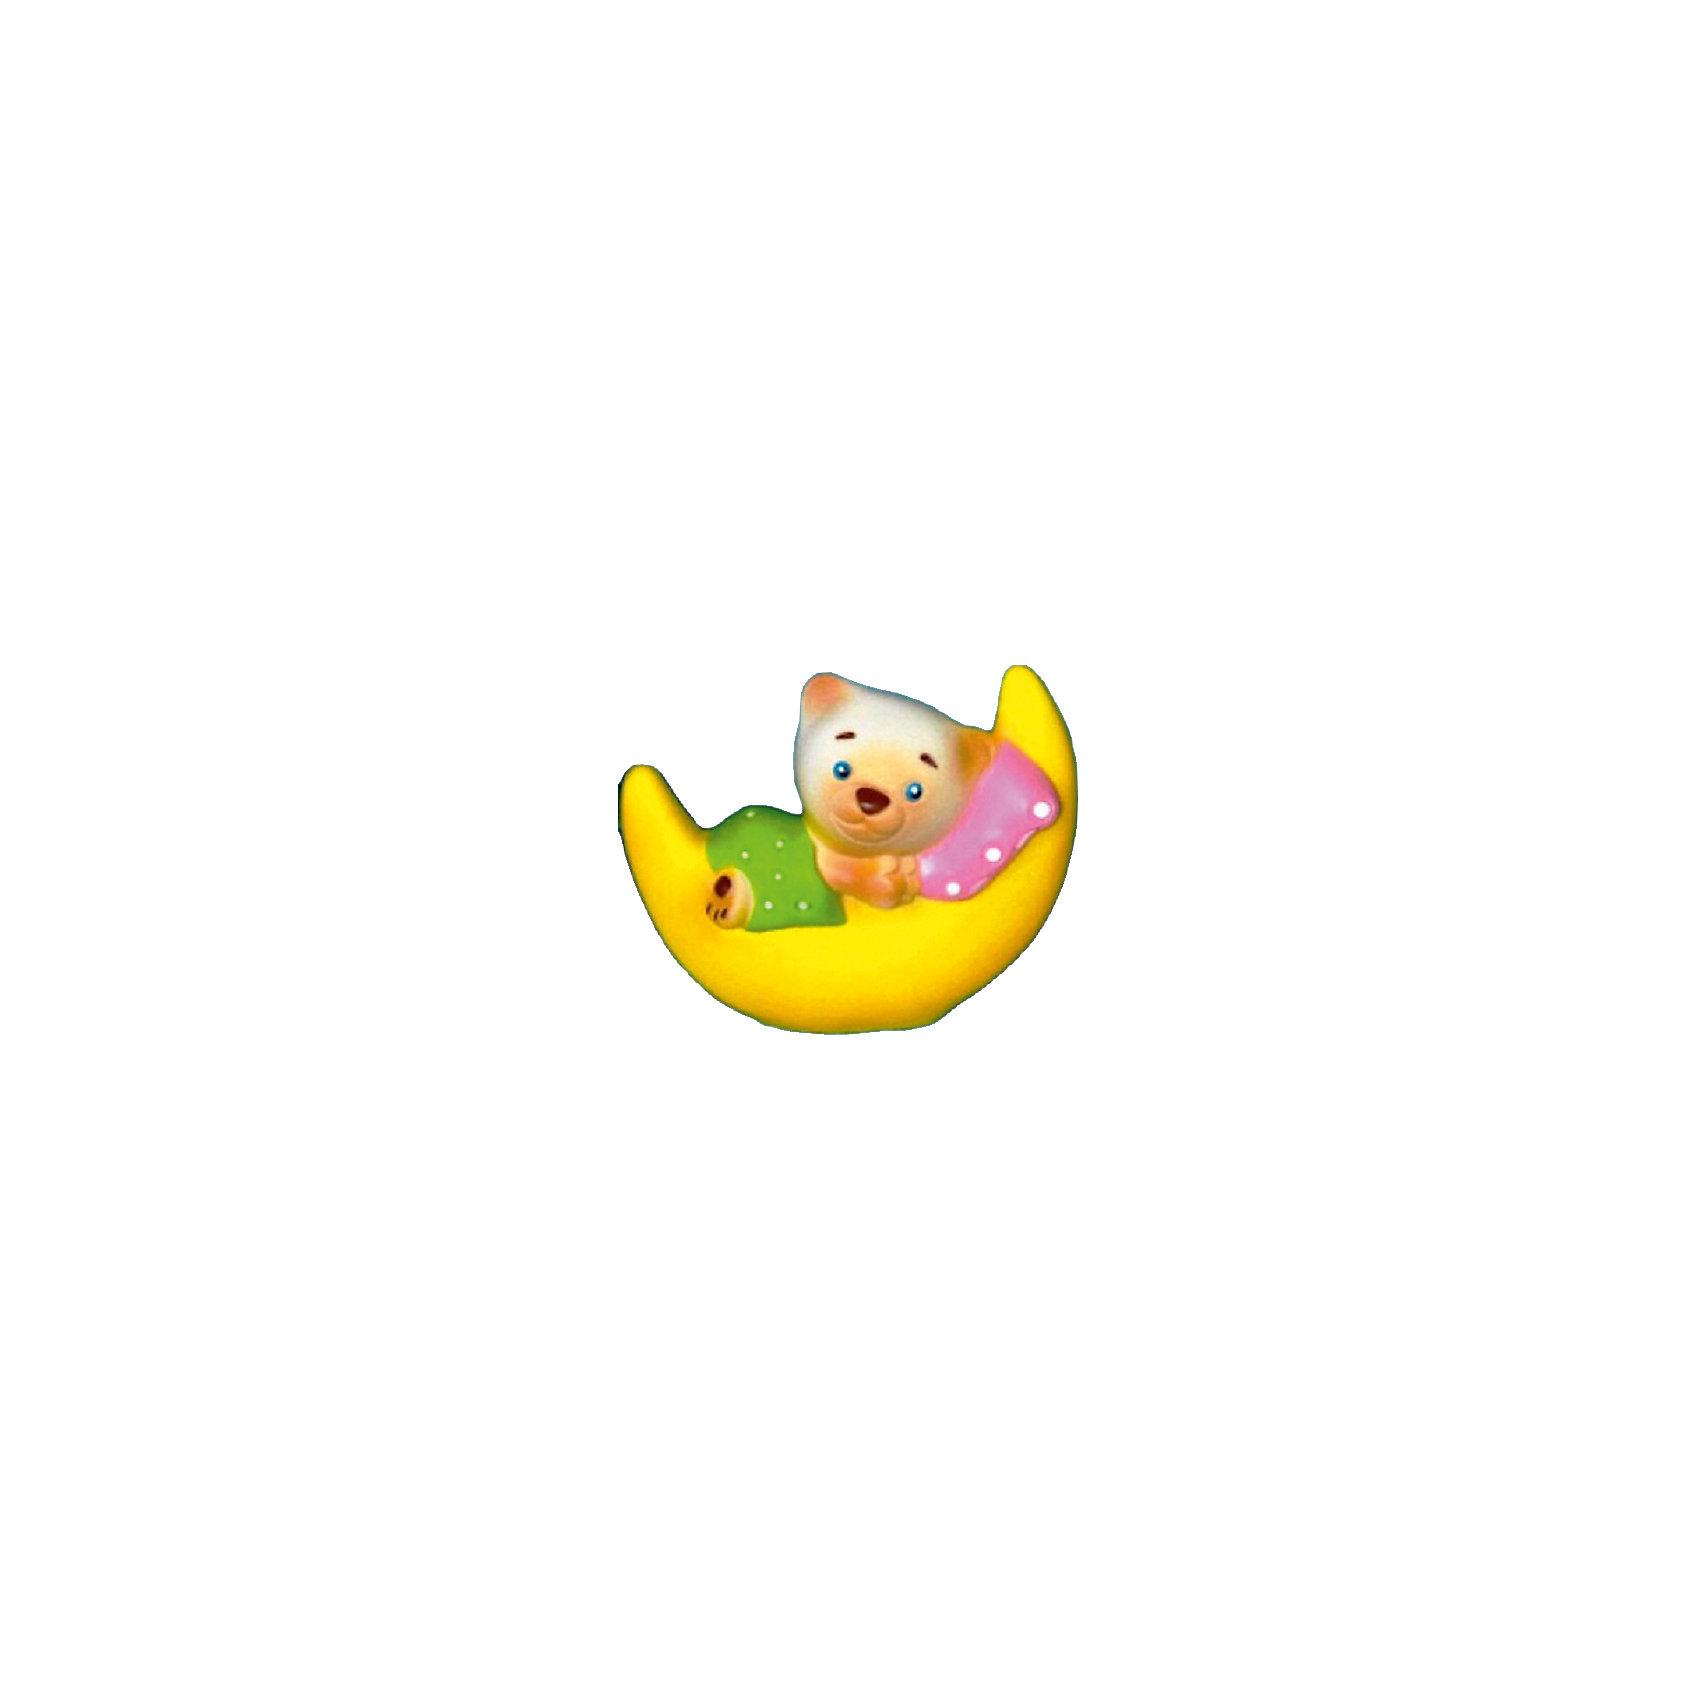 Мишка на Луне, КудесникиМишка на Луне, Кудесники<br><br>Характеристики:<br><br>• Материал: ПВХ.<br>• Размер: 11 см.<br>• Вес: 100г.<br> <br>Отличная игрушка из мягкого ПВХ надолго займет внимания вашего малыша. Эта игрушка поможет малышу при прорезывании зубов, поможет развивать моторику рук, знакомить с формой, цветом, образами. Также с ней можно забавно поиграть в ванной. Яркий образ поможет ребенку придумывать различные сюжетно-ролевые игры.<br><br>Мишку на Луне, Кудесники, можно купить в нашем интернет – магазине.<br><br>Ширина мм: 80<br>Глубина мм: 30<br>Высота мм: 110<br>Вес г: 100<br>Возраст от месяцев: 12<br>Возраст до месяцев: 36<br>Пол: Унисекс<br>Возраст: Детский<br>SKU: 4896467